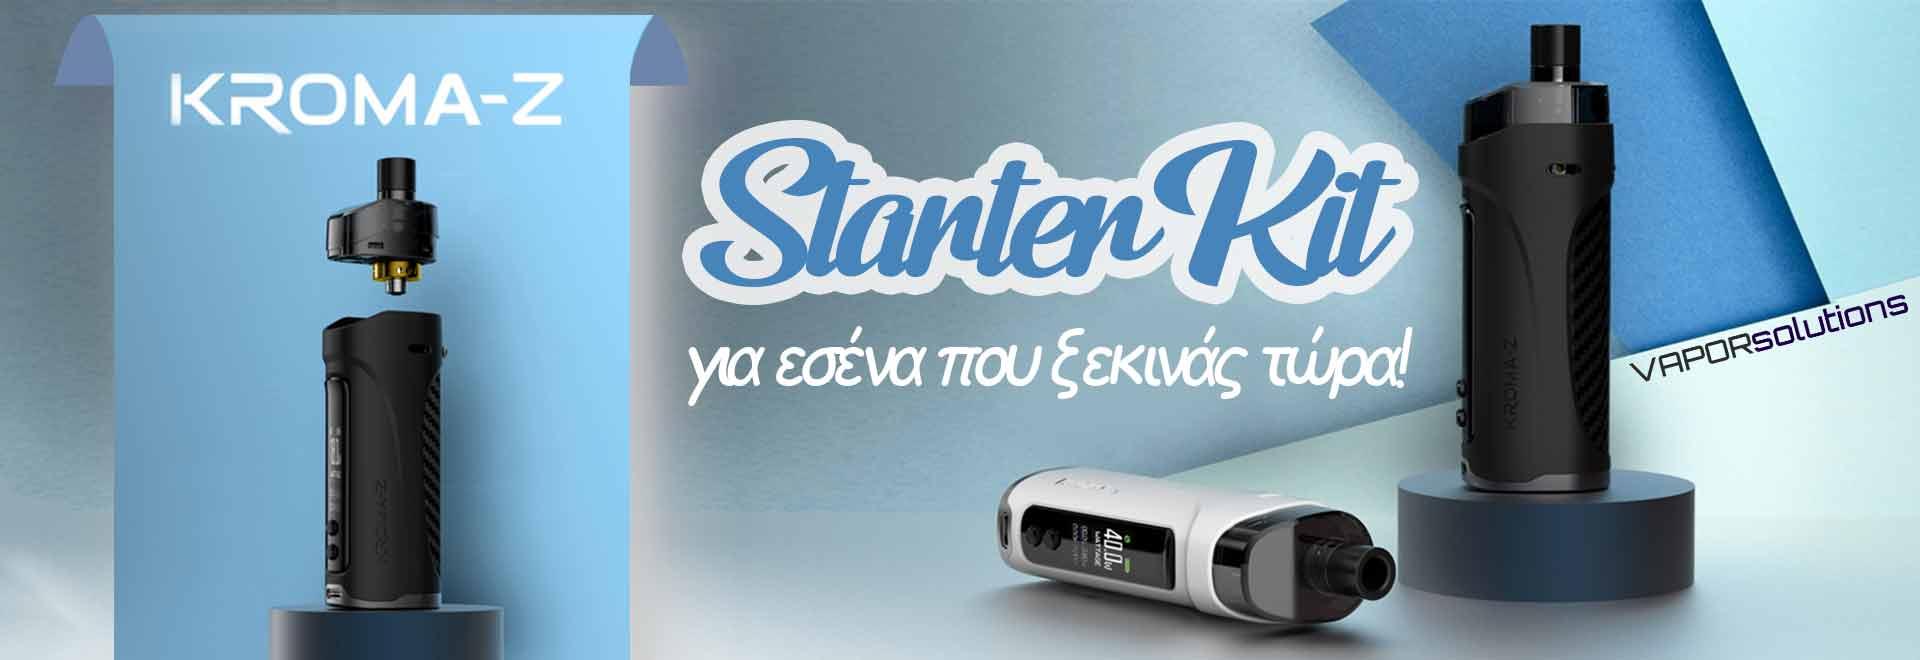 Kroma-Z Starter Kit